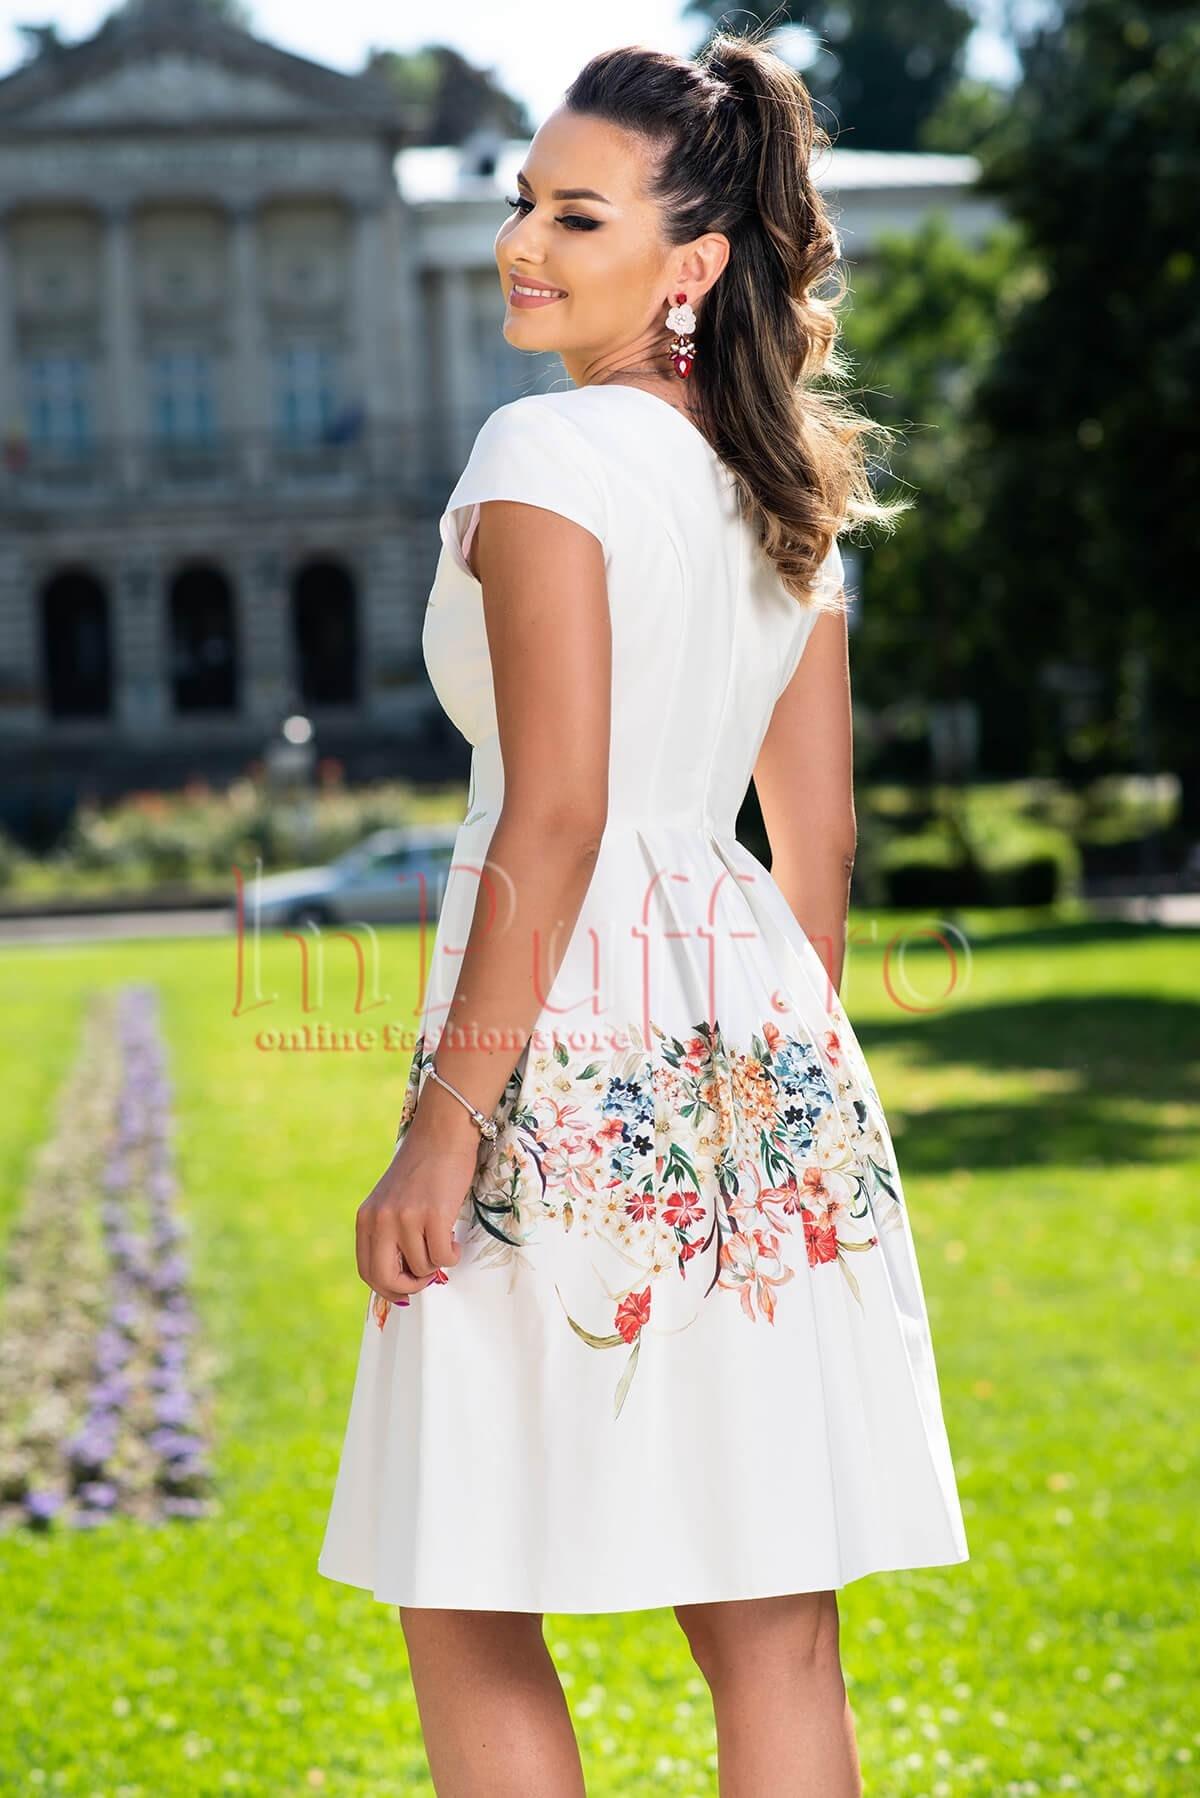 Rochie eleganta alba cu imprimeu floral si decolteu petrecut